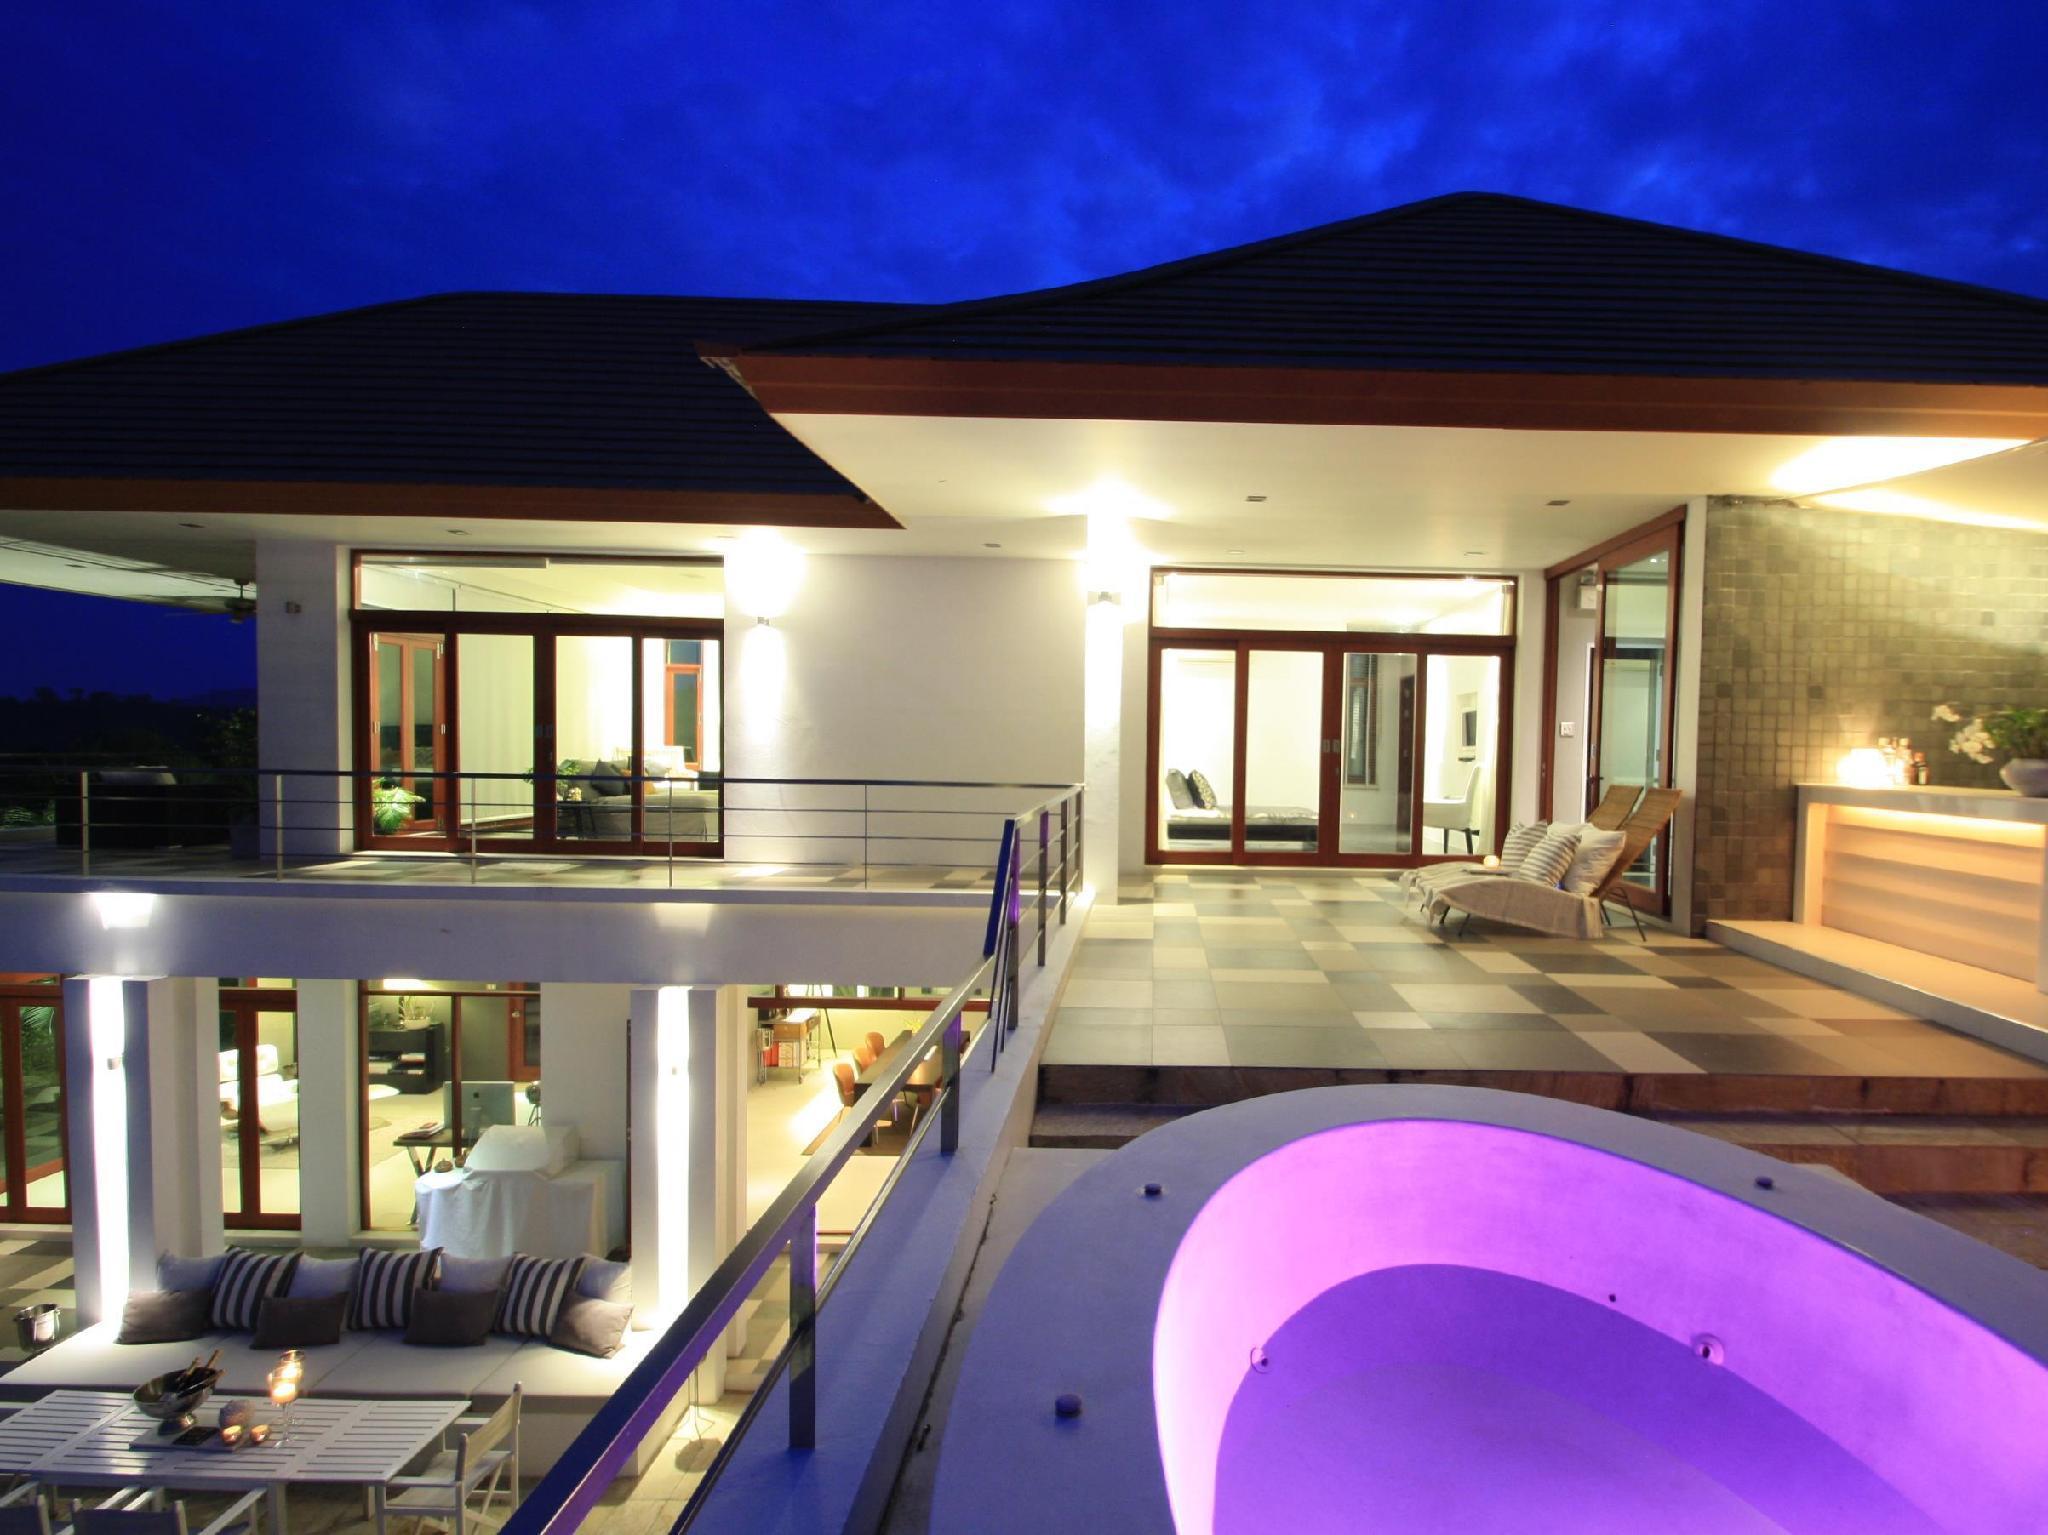 Phu Montra Luxury Sea View Mansion ภูมนตรา ลักซัวรี ซีวิว แมนชั่น